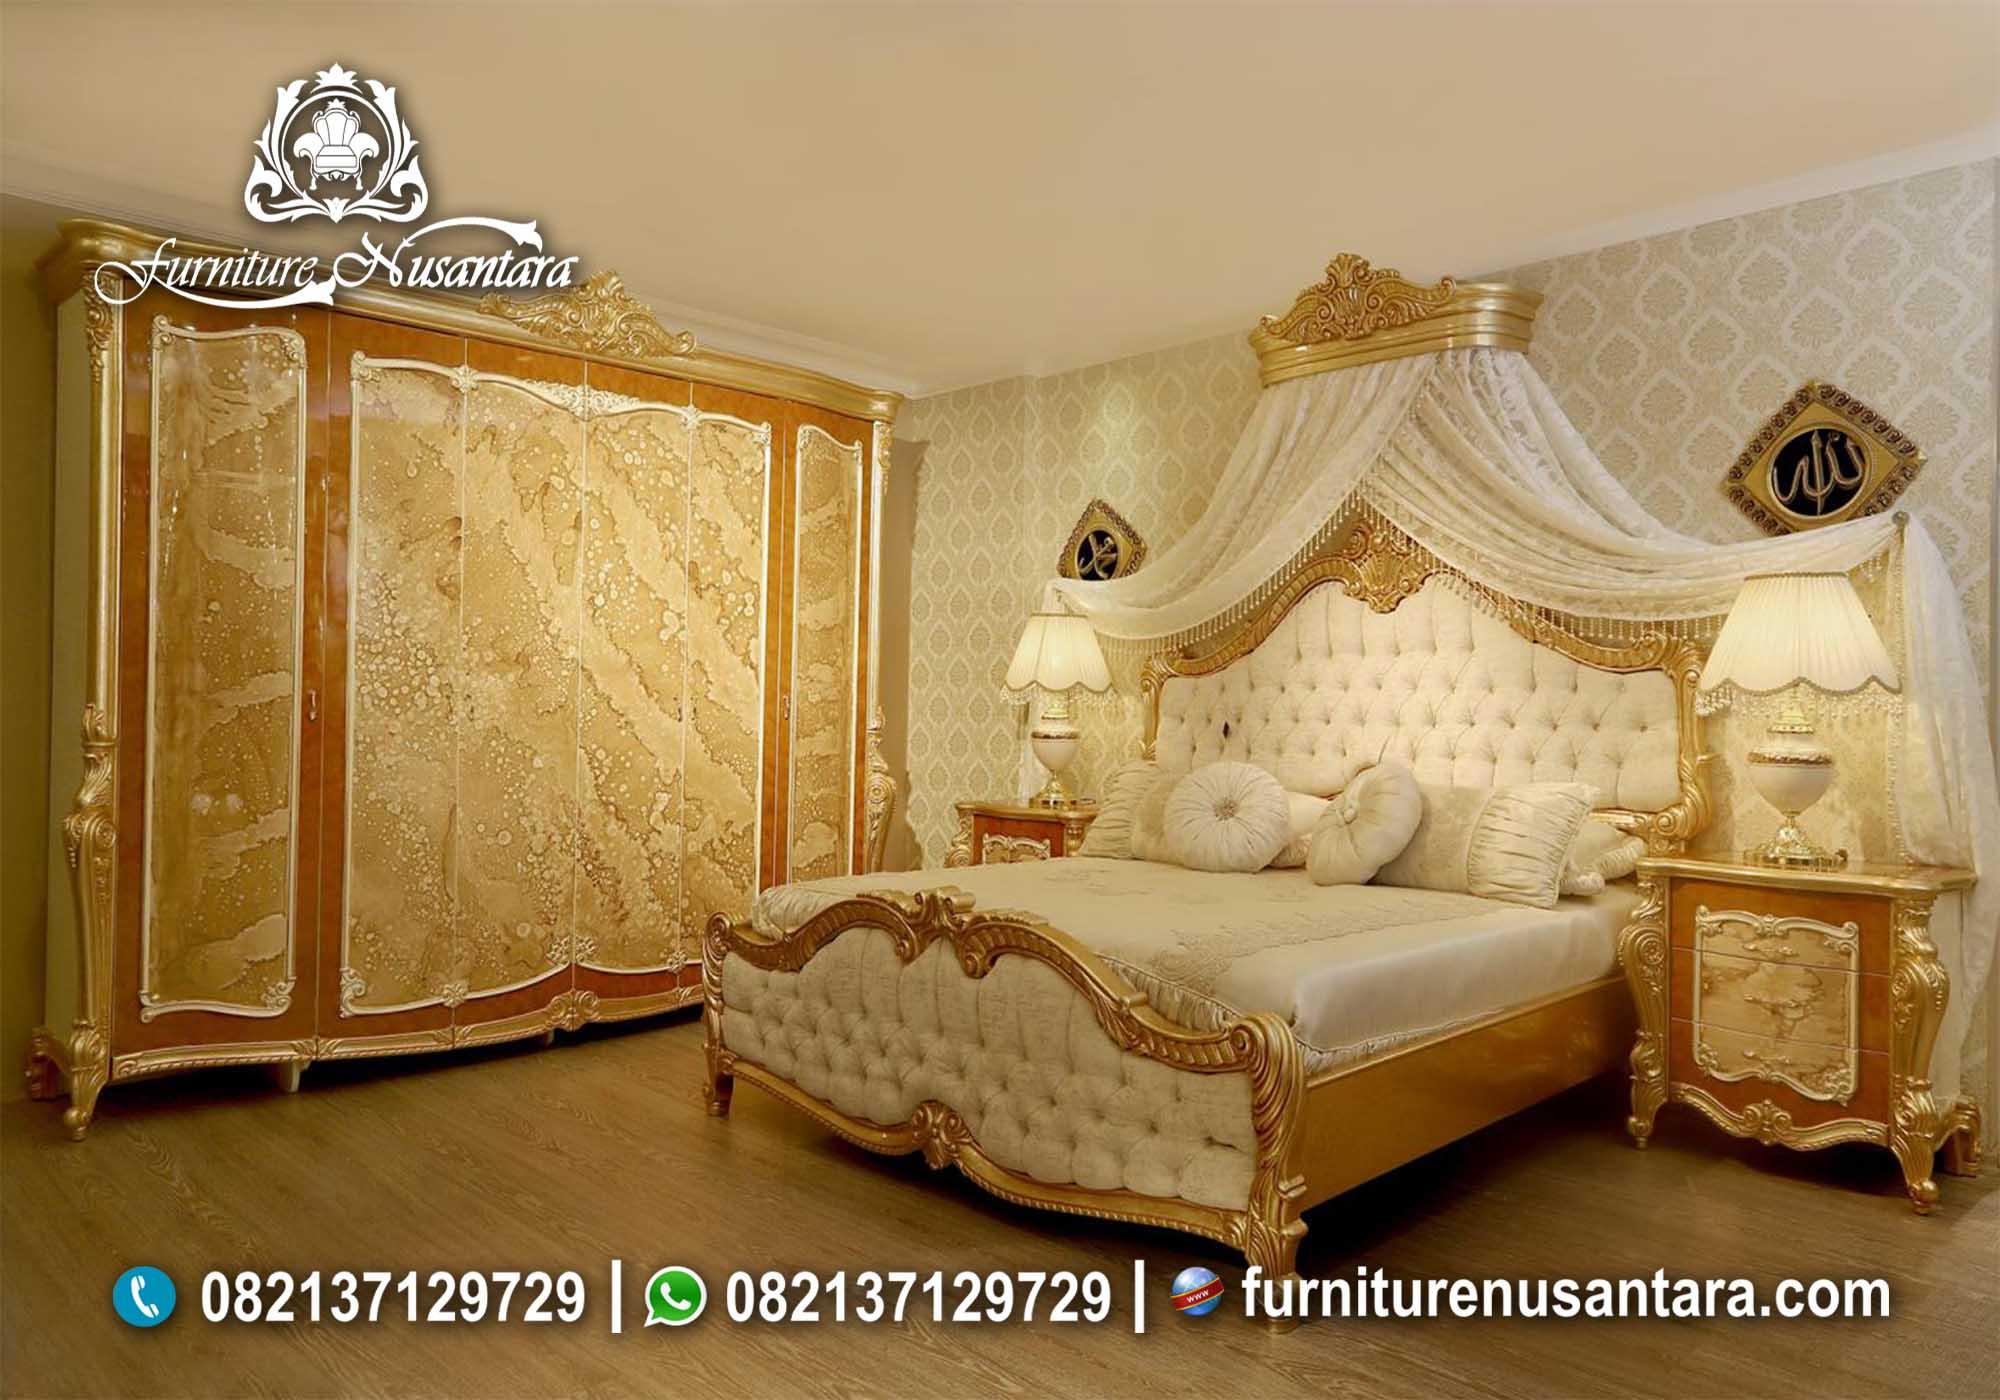 Bedset Klasik Mewah Terbaik KS-01, Furniture Nusantara